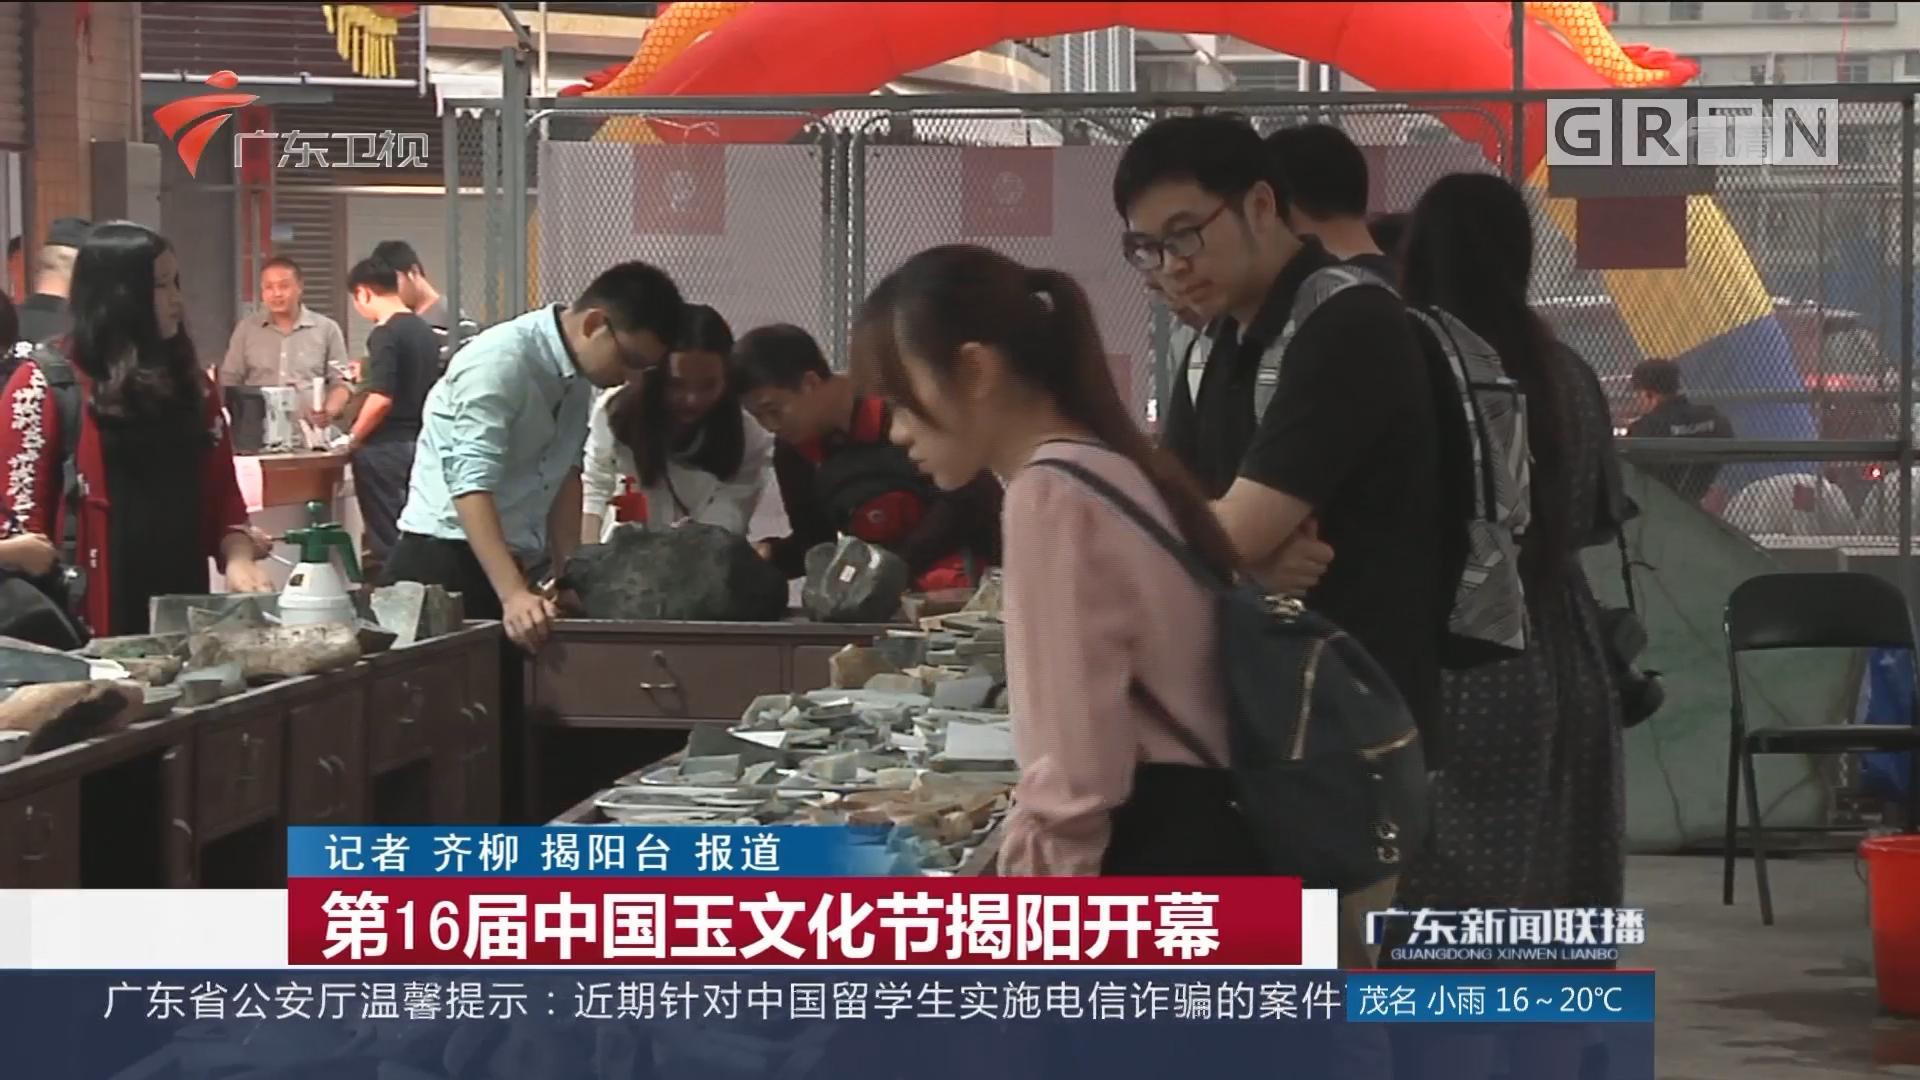 第16届中国玉文化节揭阳开幕